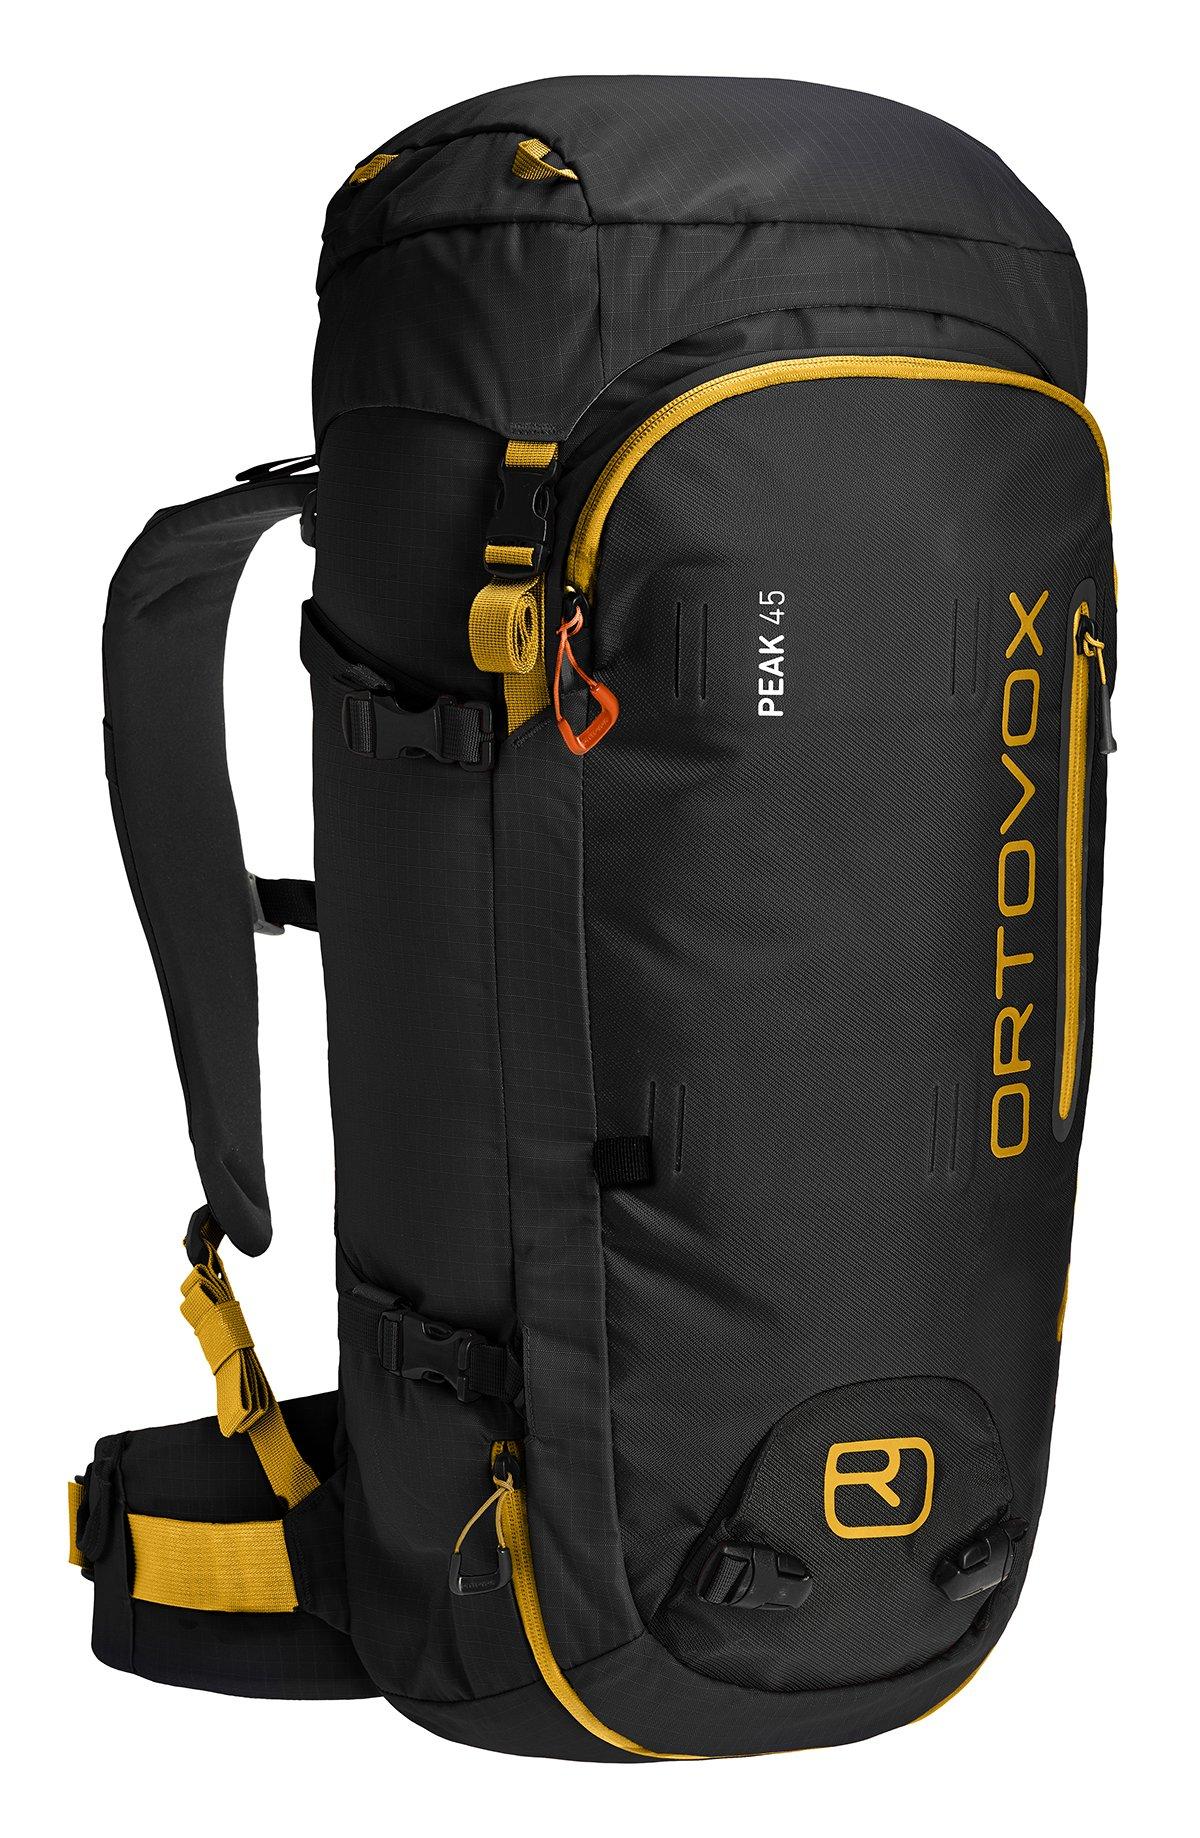 Ortovox - Peak 45 - Touring backpack - Men's